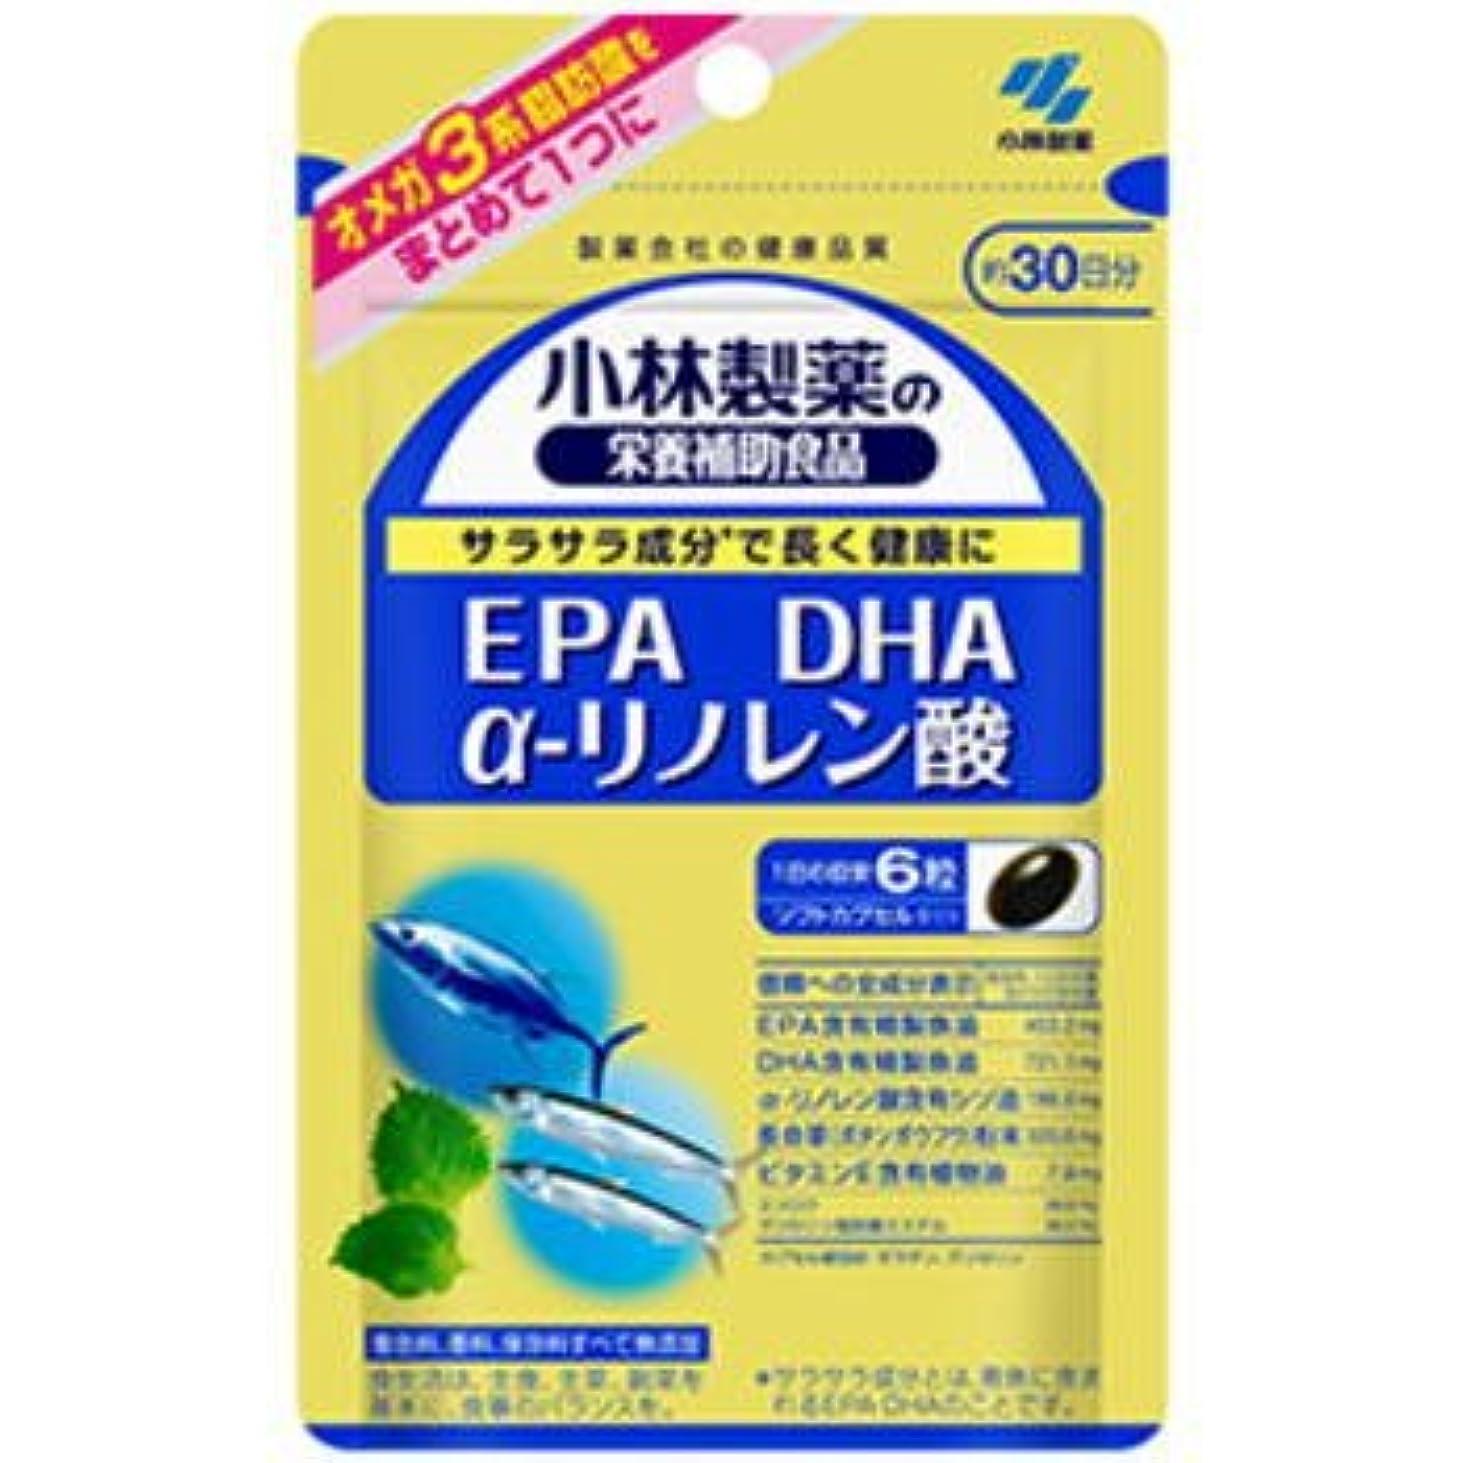 櫛発言する間違い小林製薬 EPA DHA α-リノレン酸 180粒×3個セット【ネコポス発送】